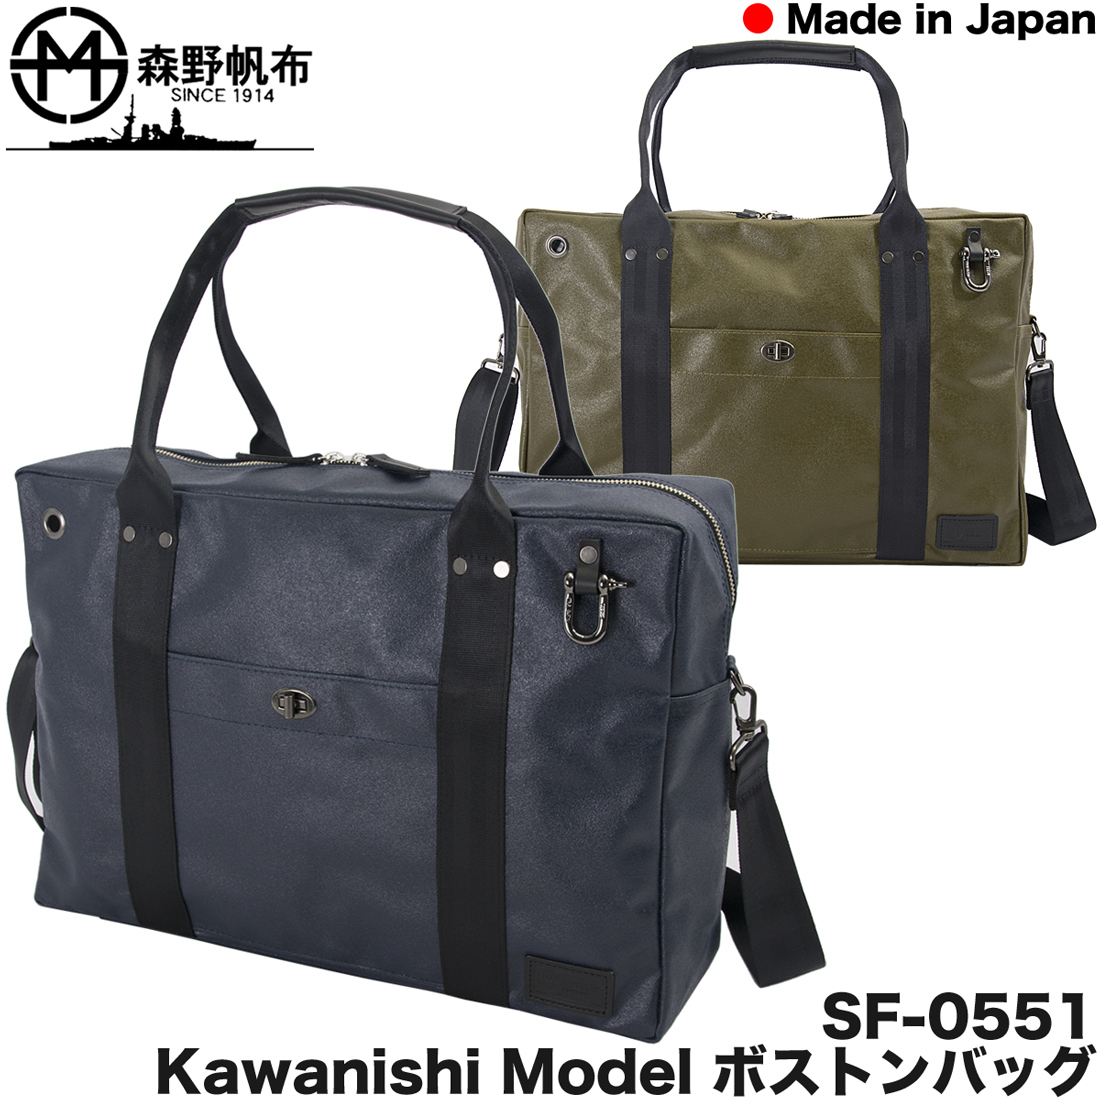 森野帆布 SF-0551 Kawanishi Model ボストンバッグ(森野艦船帆布,ビジネスバッグ)【あす楽_土曜営業】 送料無料